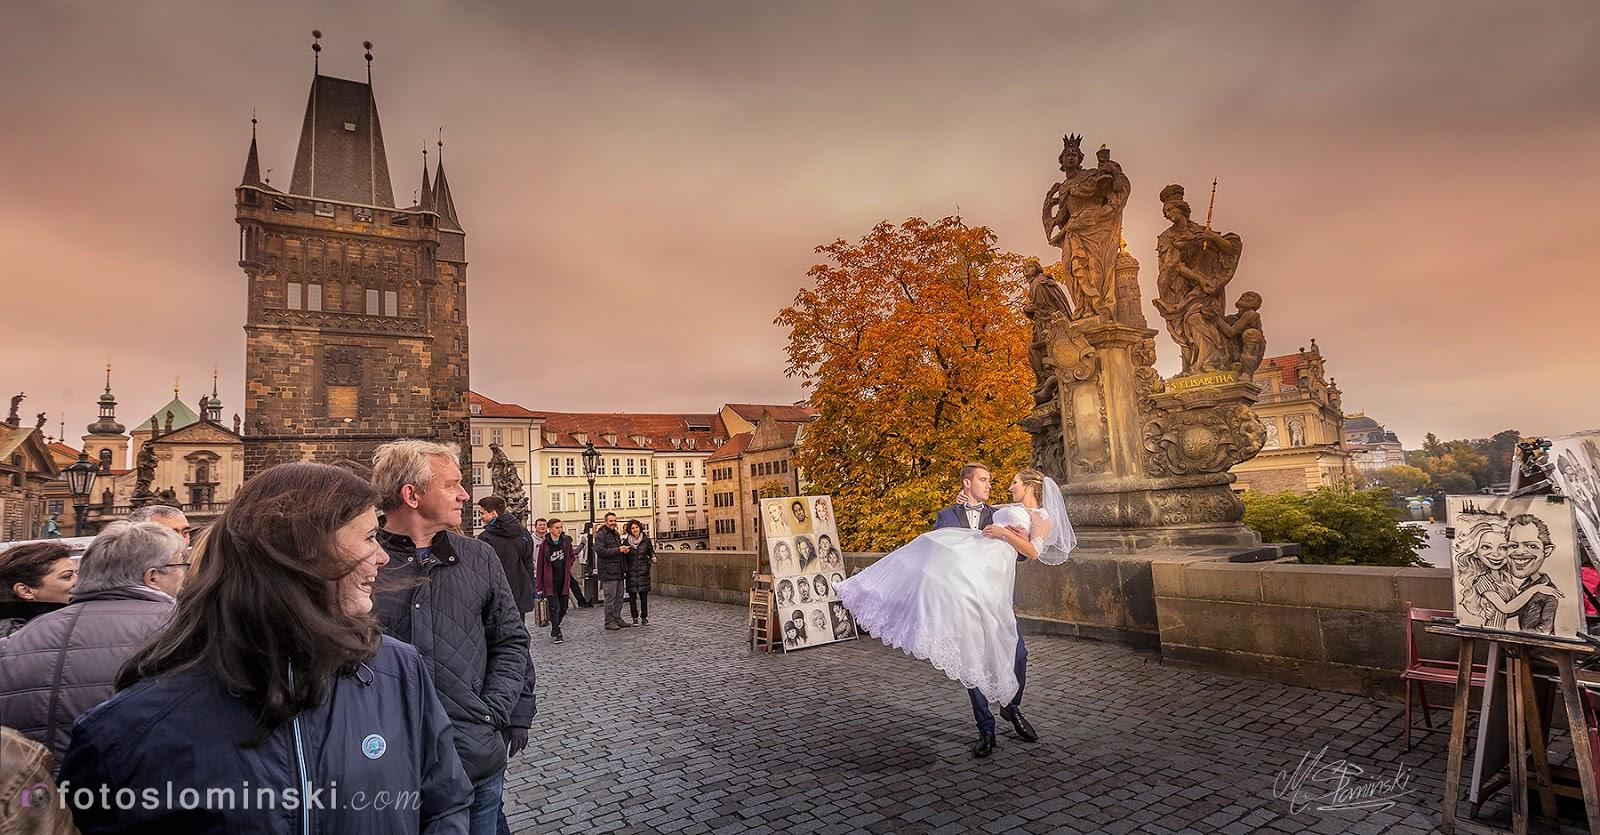 Dziś jesień i nowa -jesienna sesja ślubna, plenerowa w Pradze. Fotografia ślubna Wrocław - Michał Słomiński.